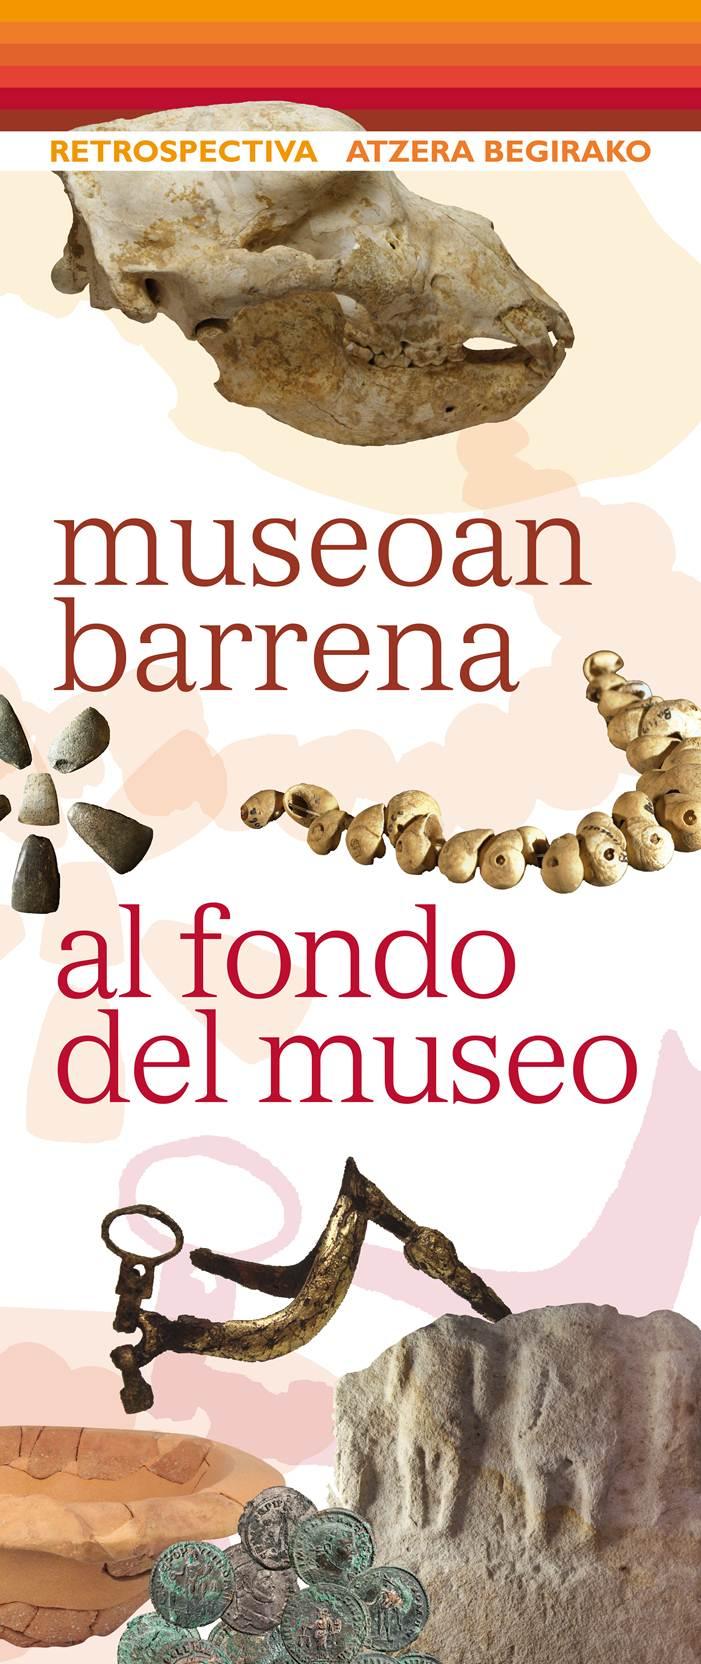 ATZERA BEGIRAKO: MUSEOAN BARRENA.